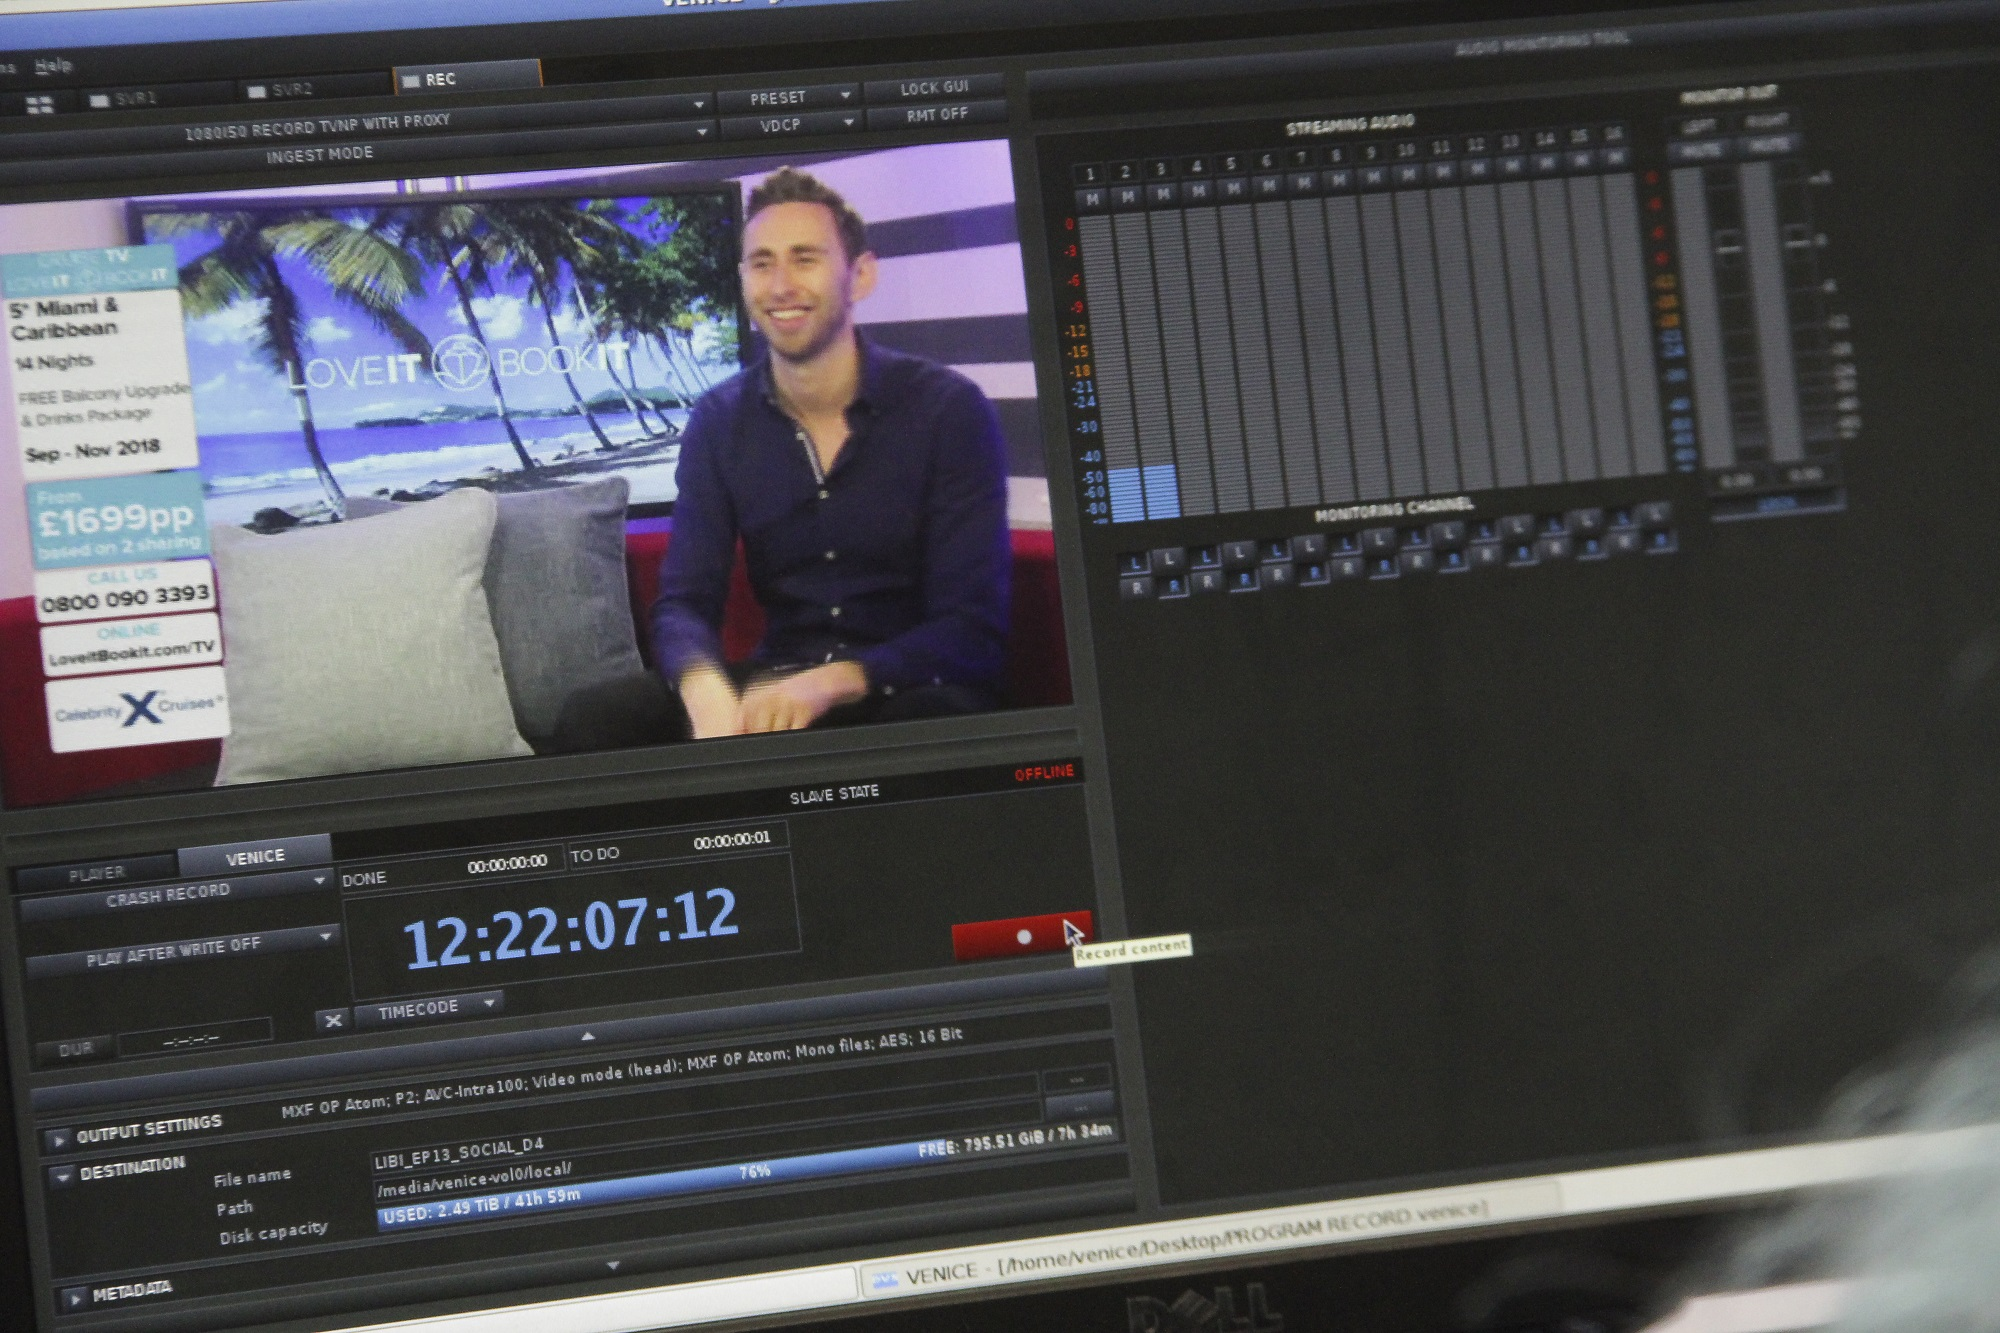 Dan on screen